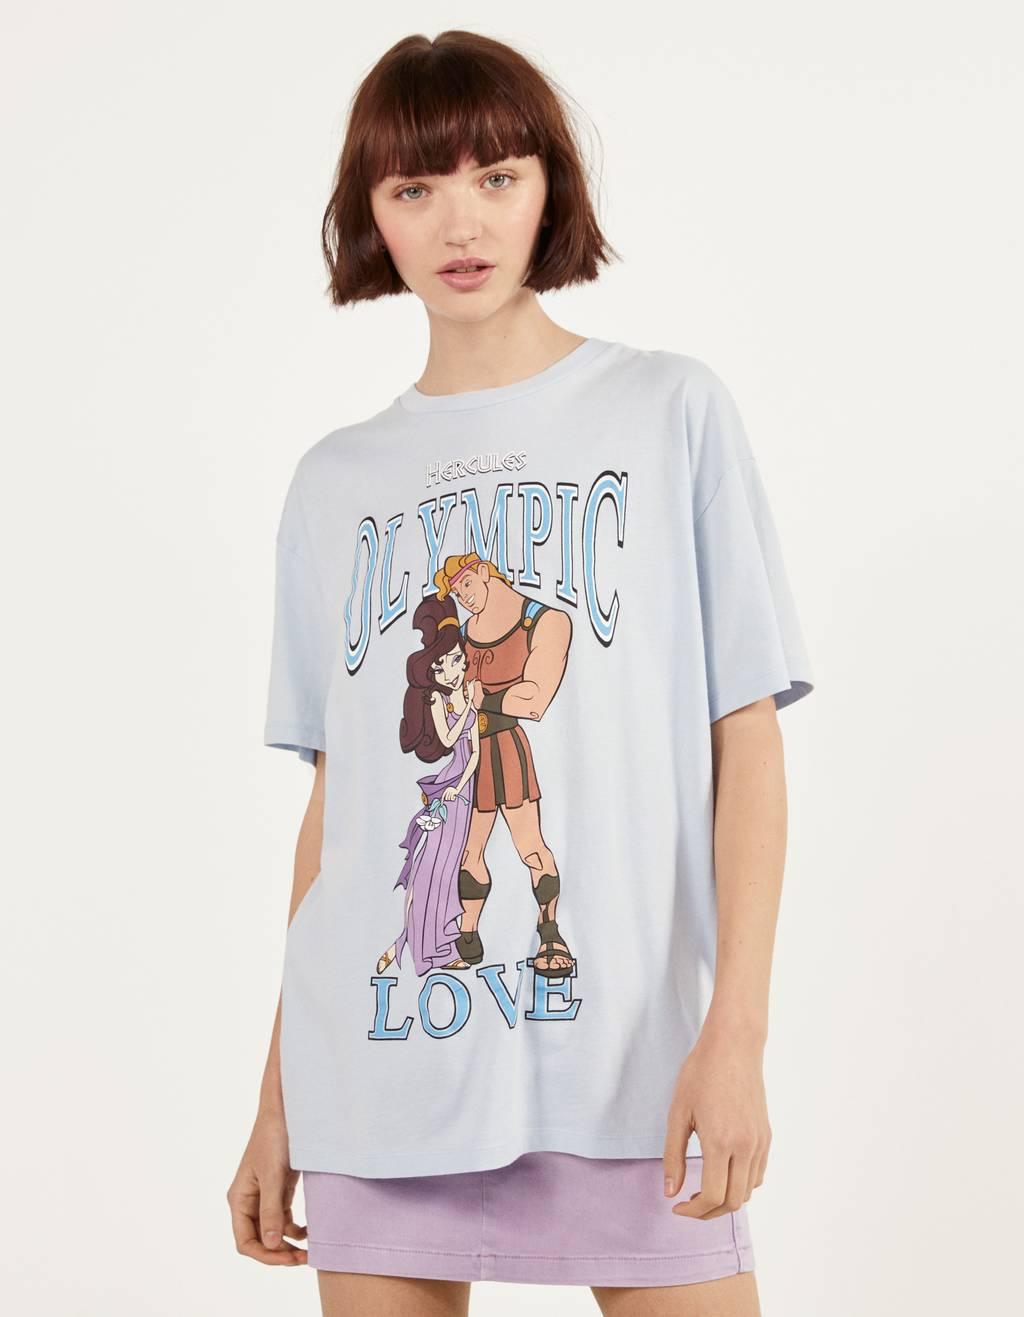 Hercules T-shirt